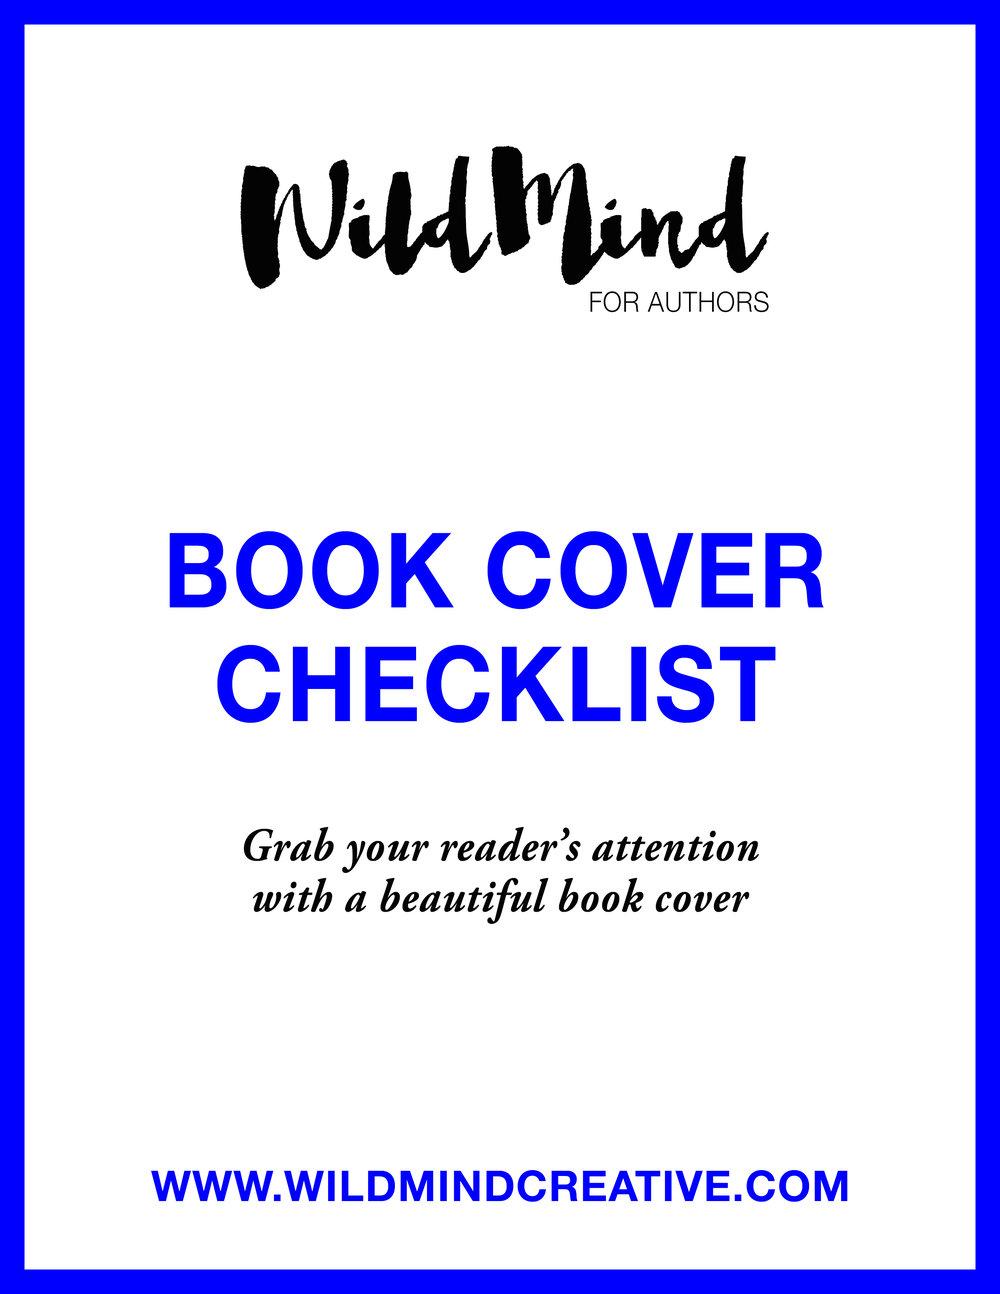 Book Cover Checklist